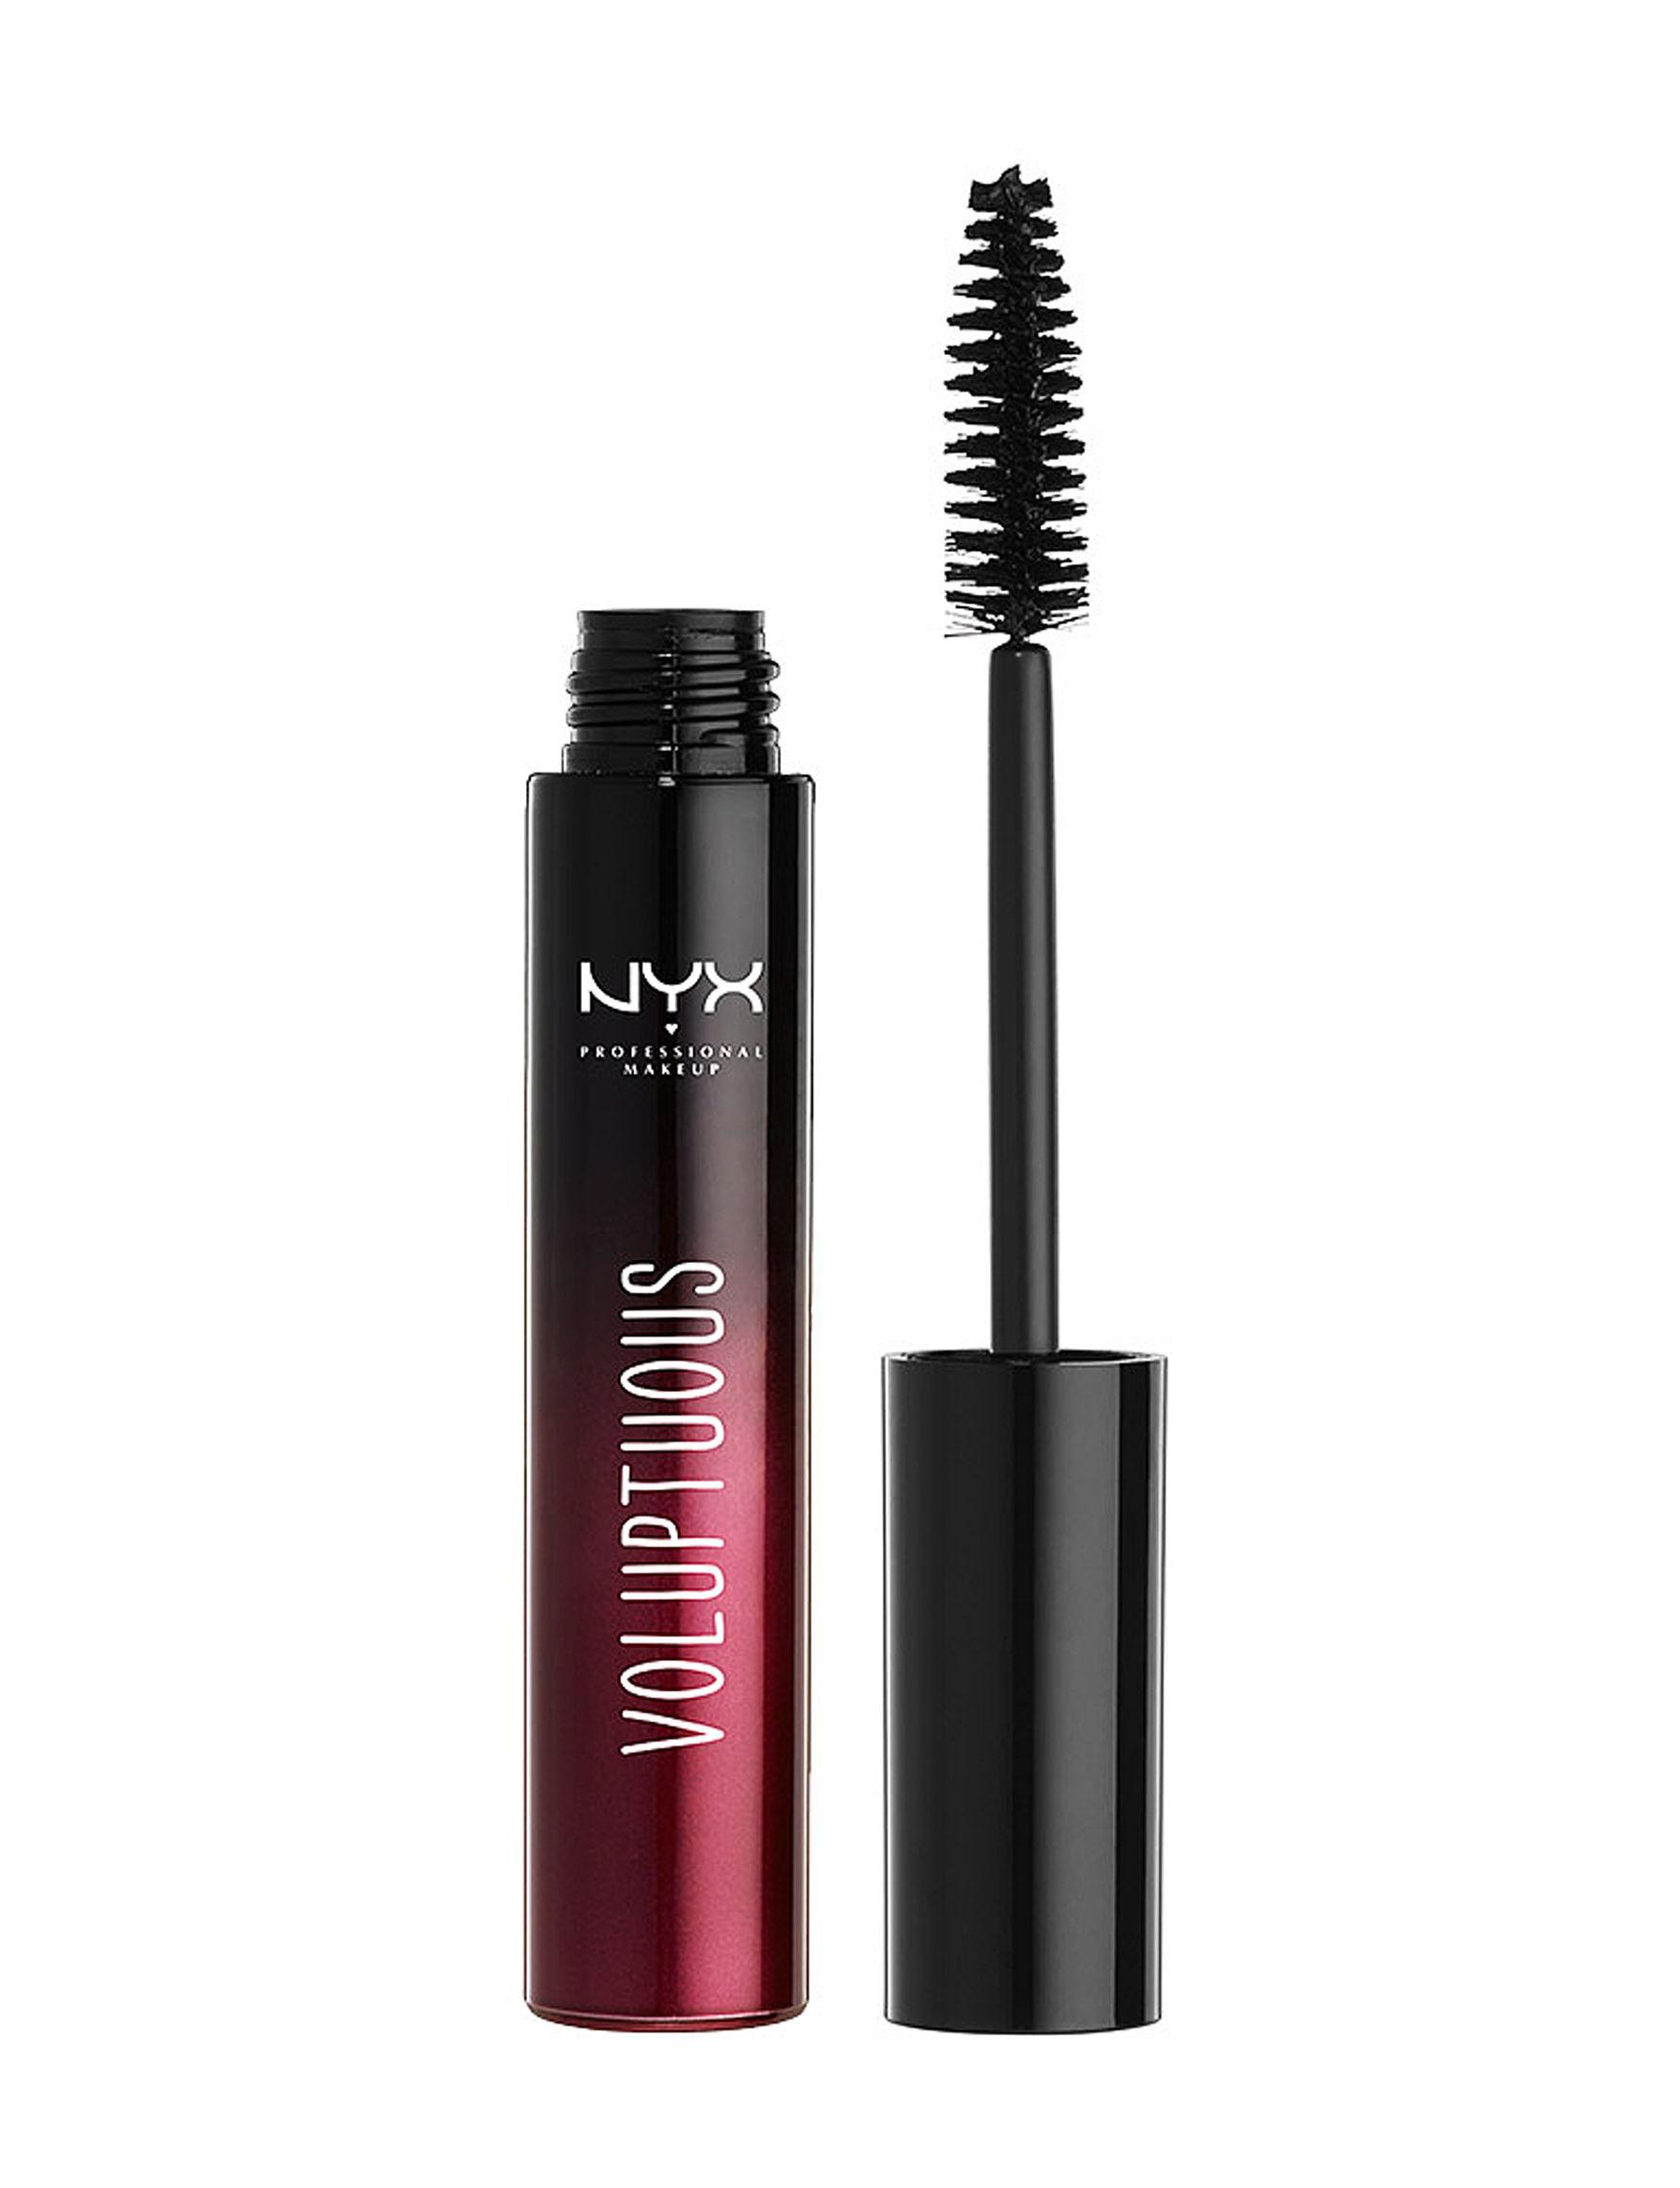 NYX Professional Makeup Voluptious Eyes Mascara